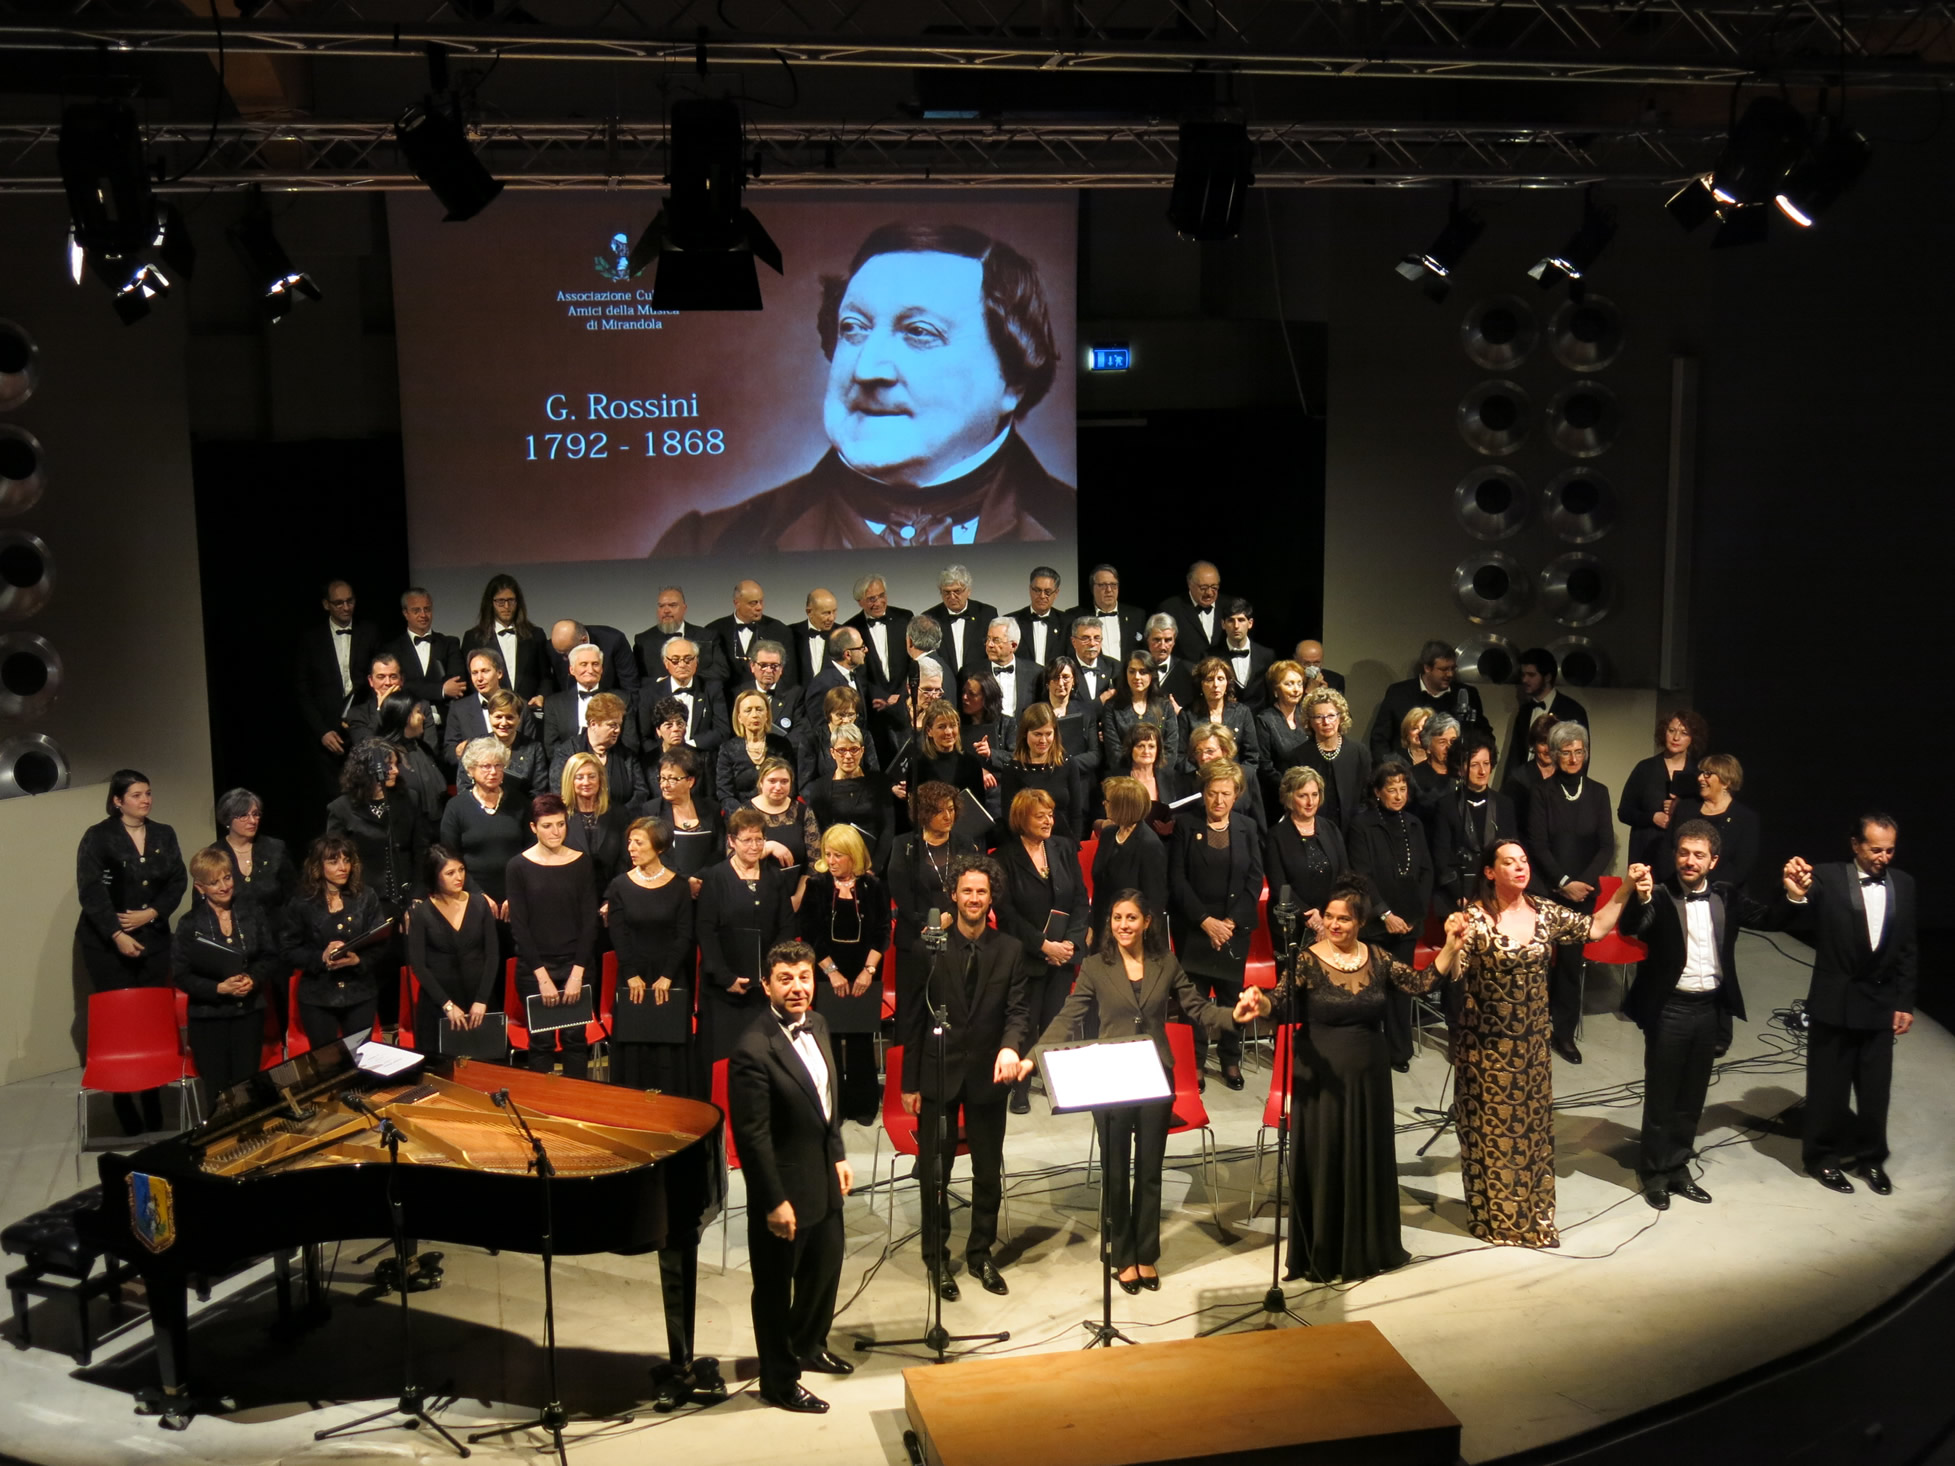 150 dalla morte di G. Rossini, con lo Stabat Mater a Mirandola